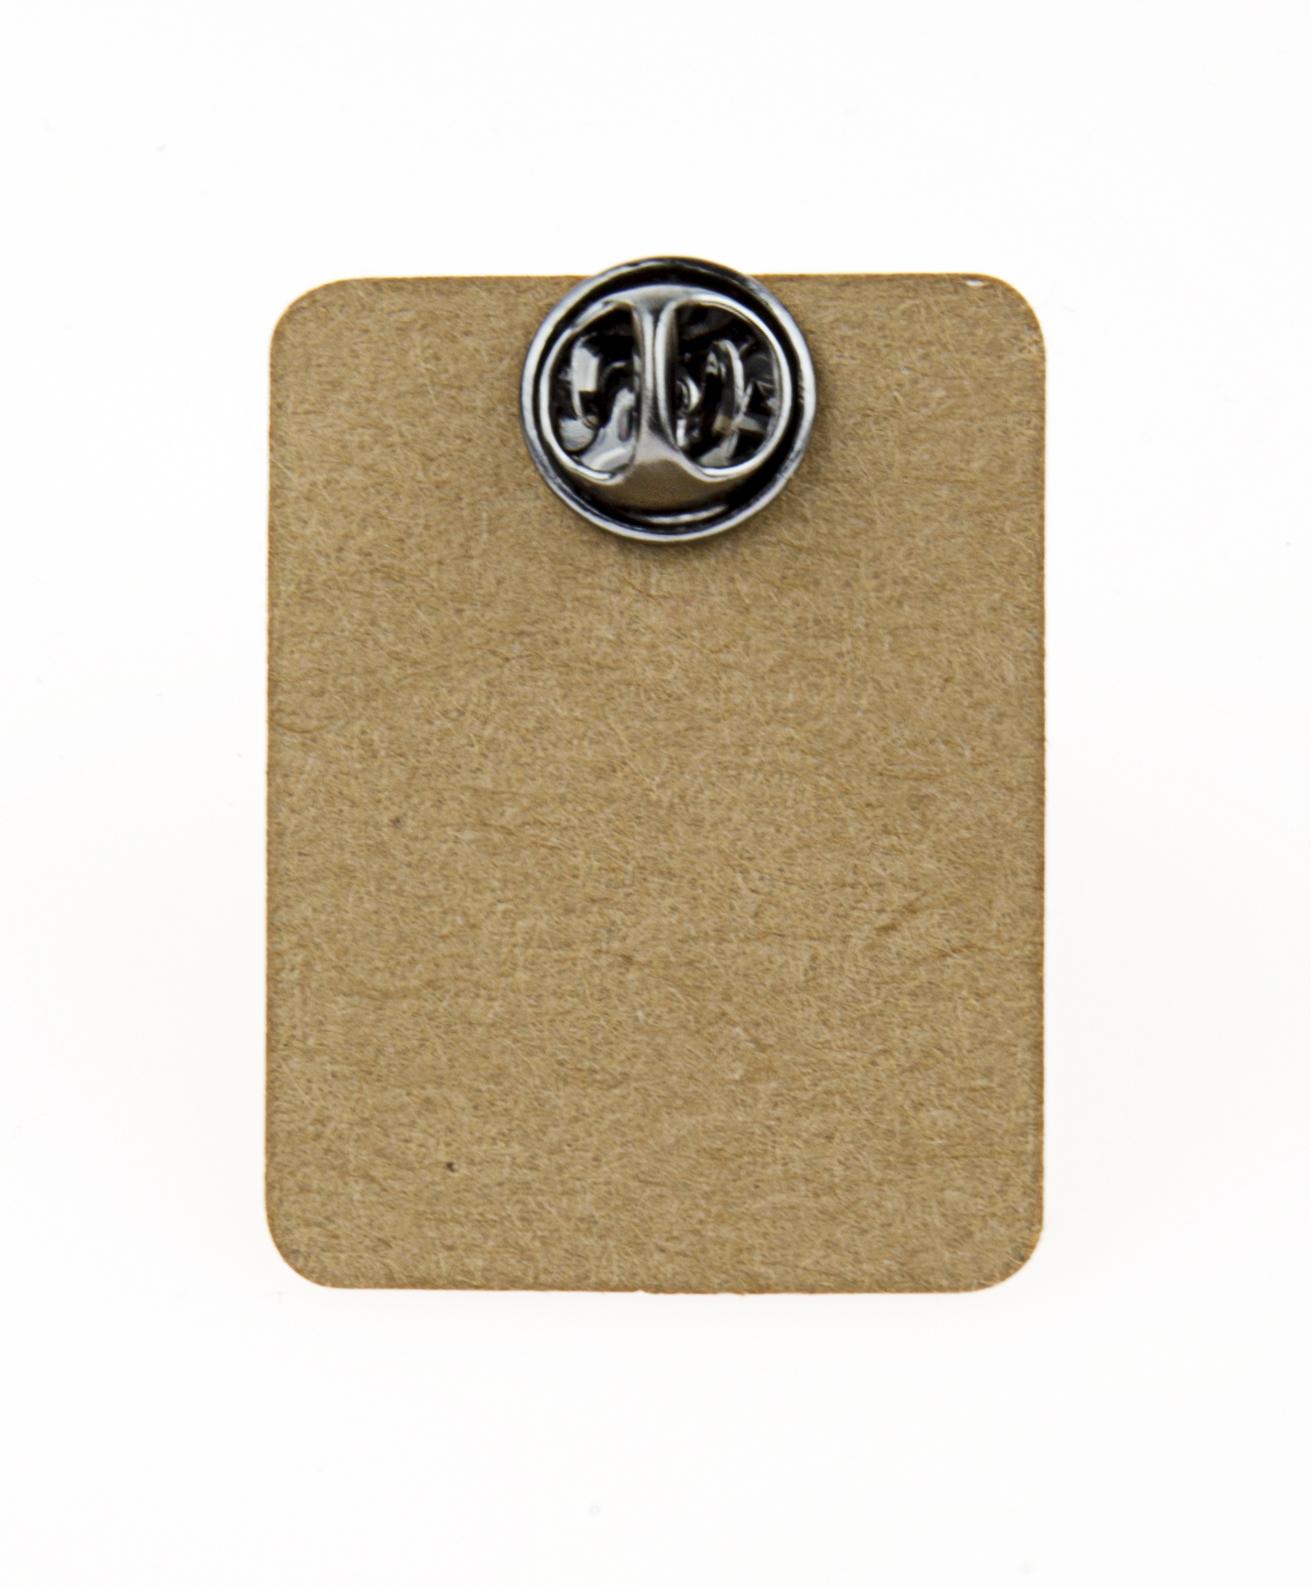 Metal Skeleton Enamel Pin Badge